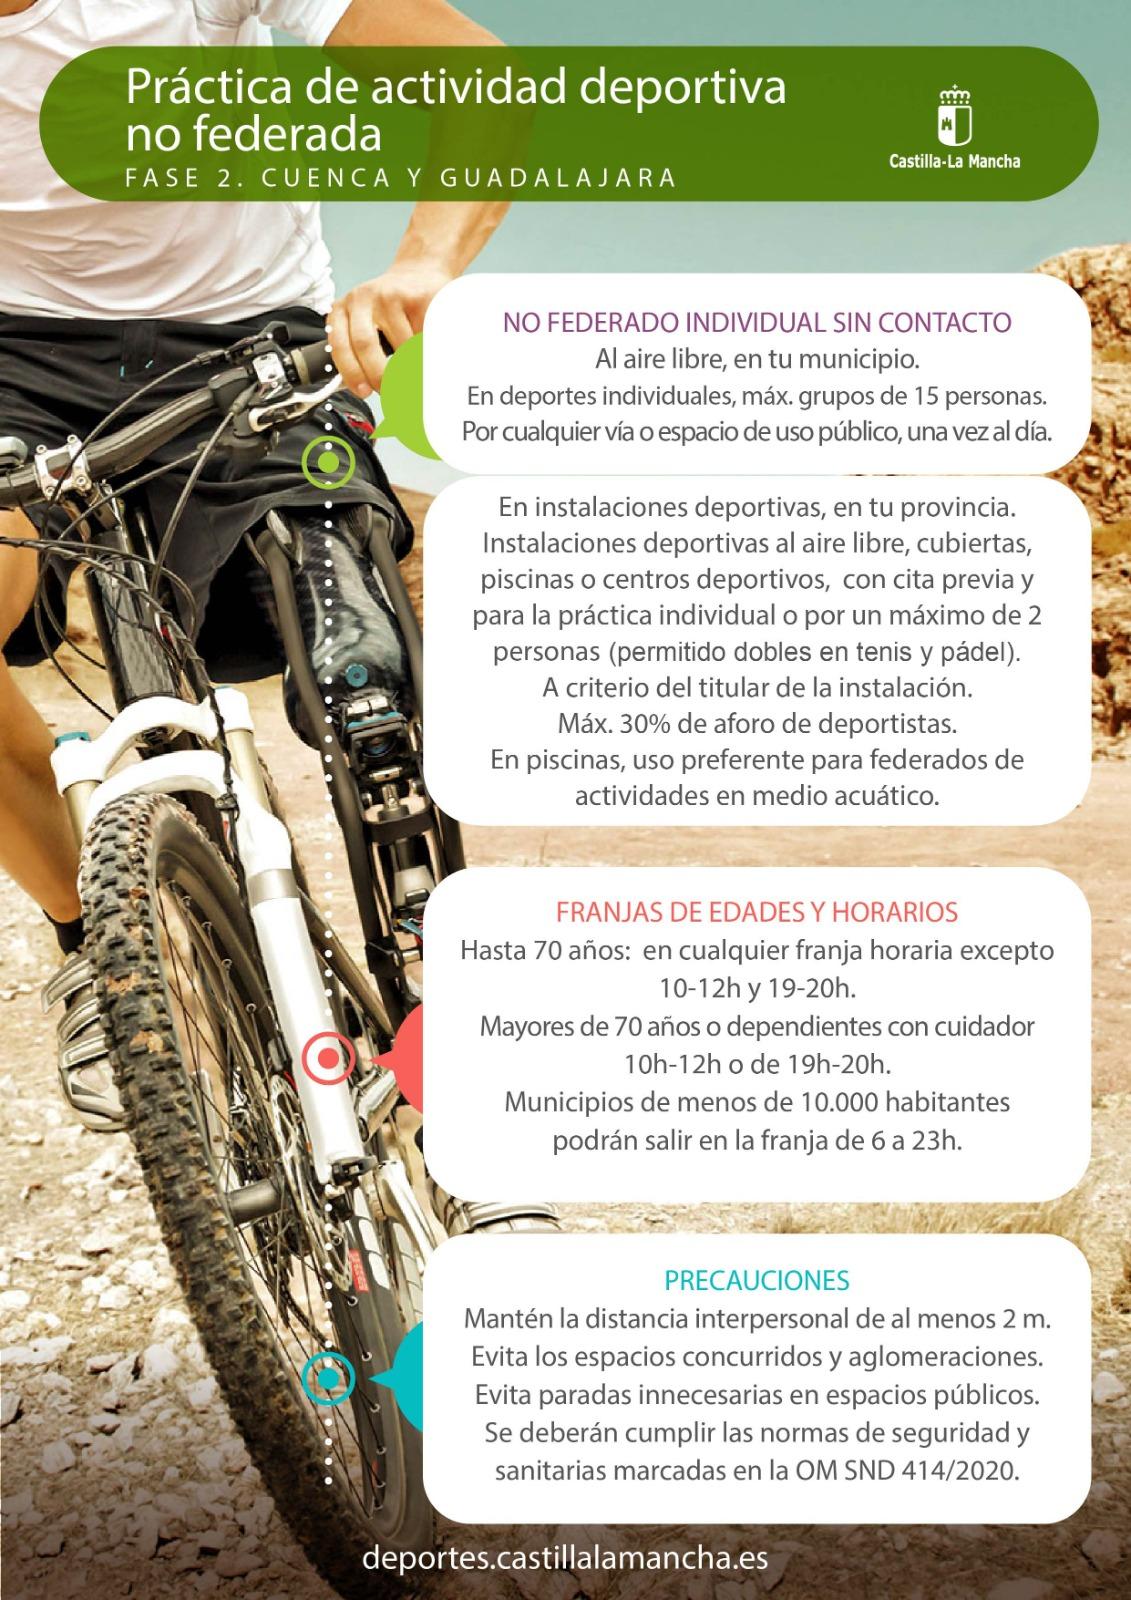 Fase 2 - Cuenca y Guadalajara - Deporte no federado (27/05/2020)